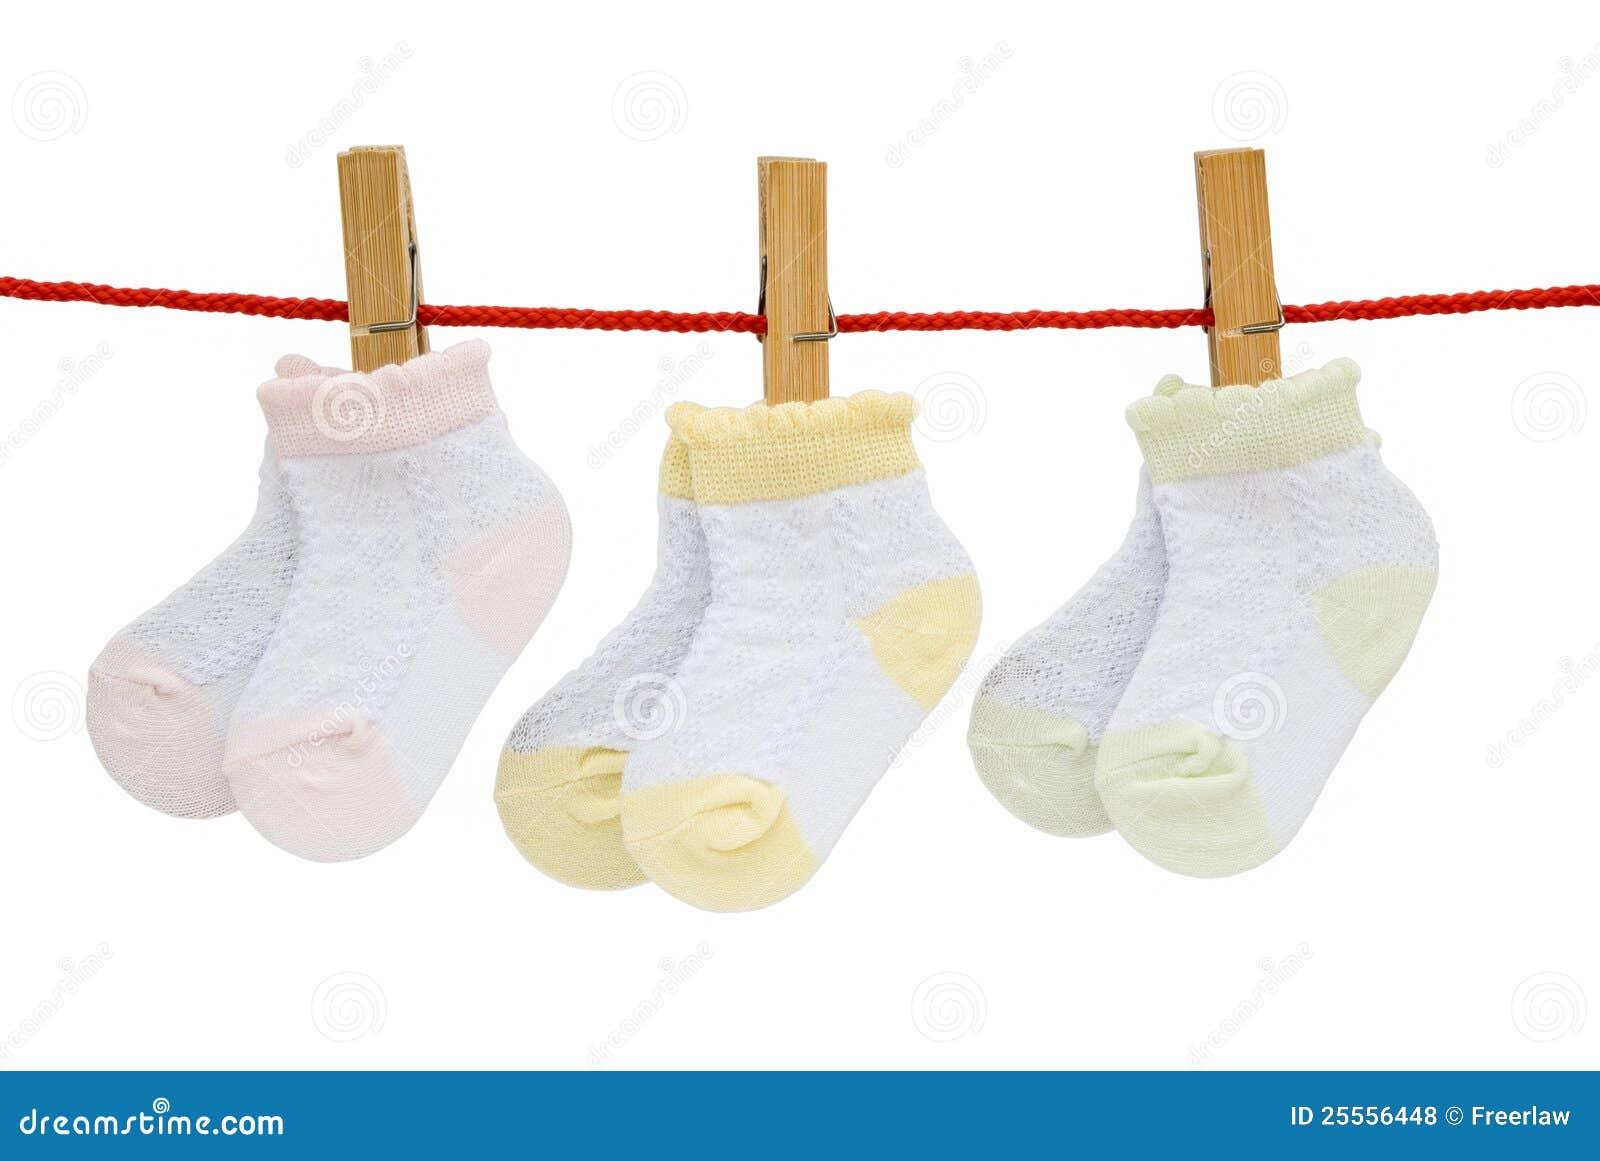 Three Pairs Baby Socks Hanging Stock Photo - Image: 25556448